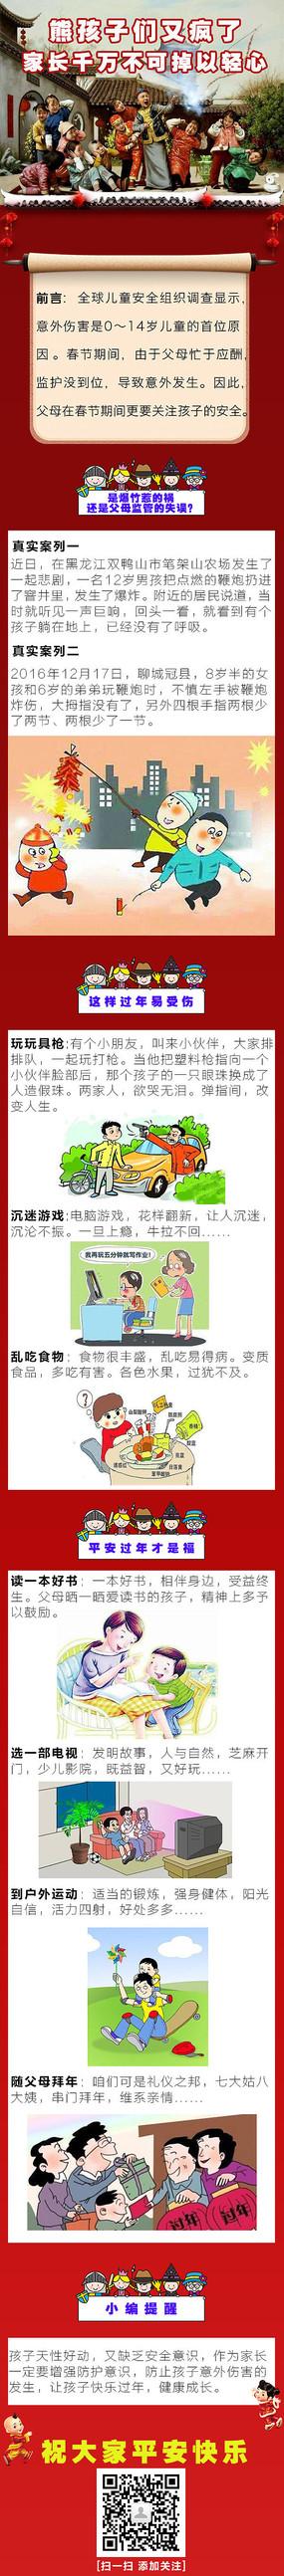 儿童教育公众号图文 PSD